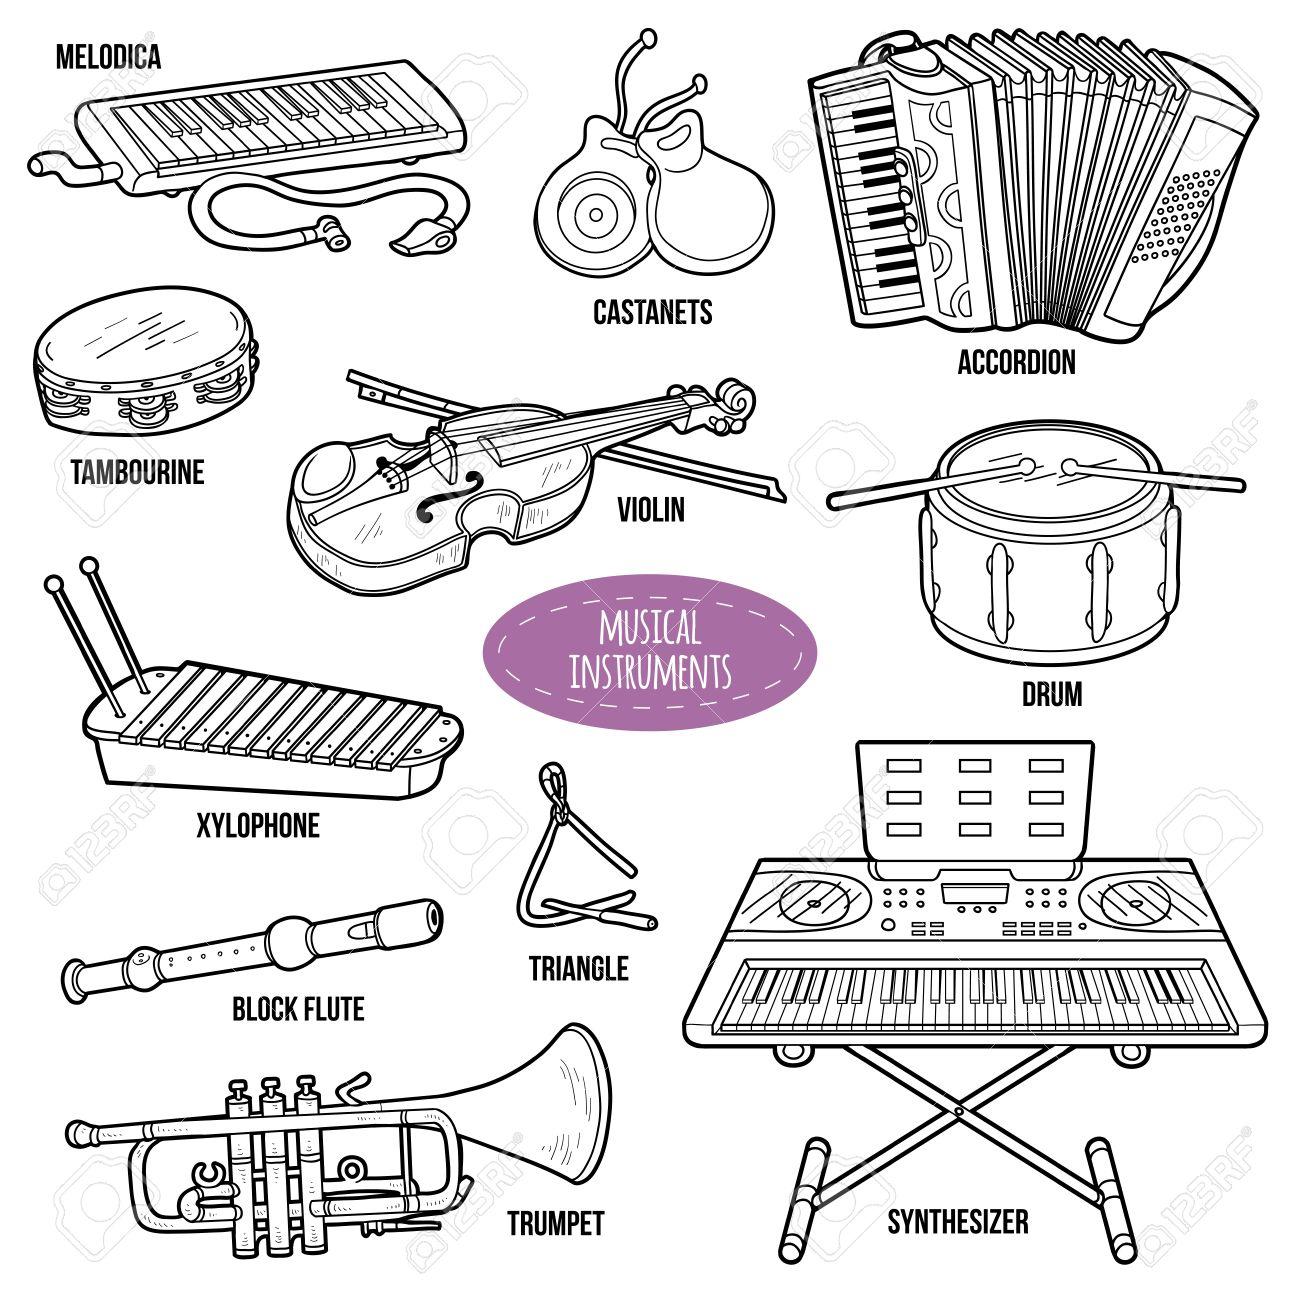 Conjunto Incoloro Con Instrumentos Musicales, Colección De Dibujos